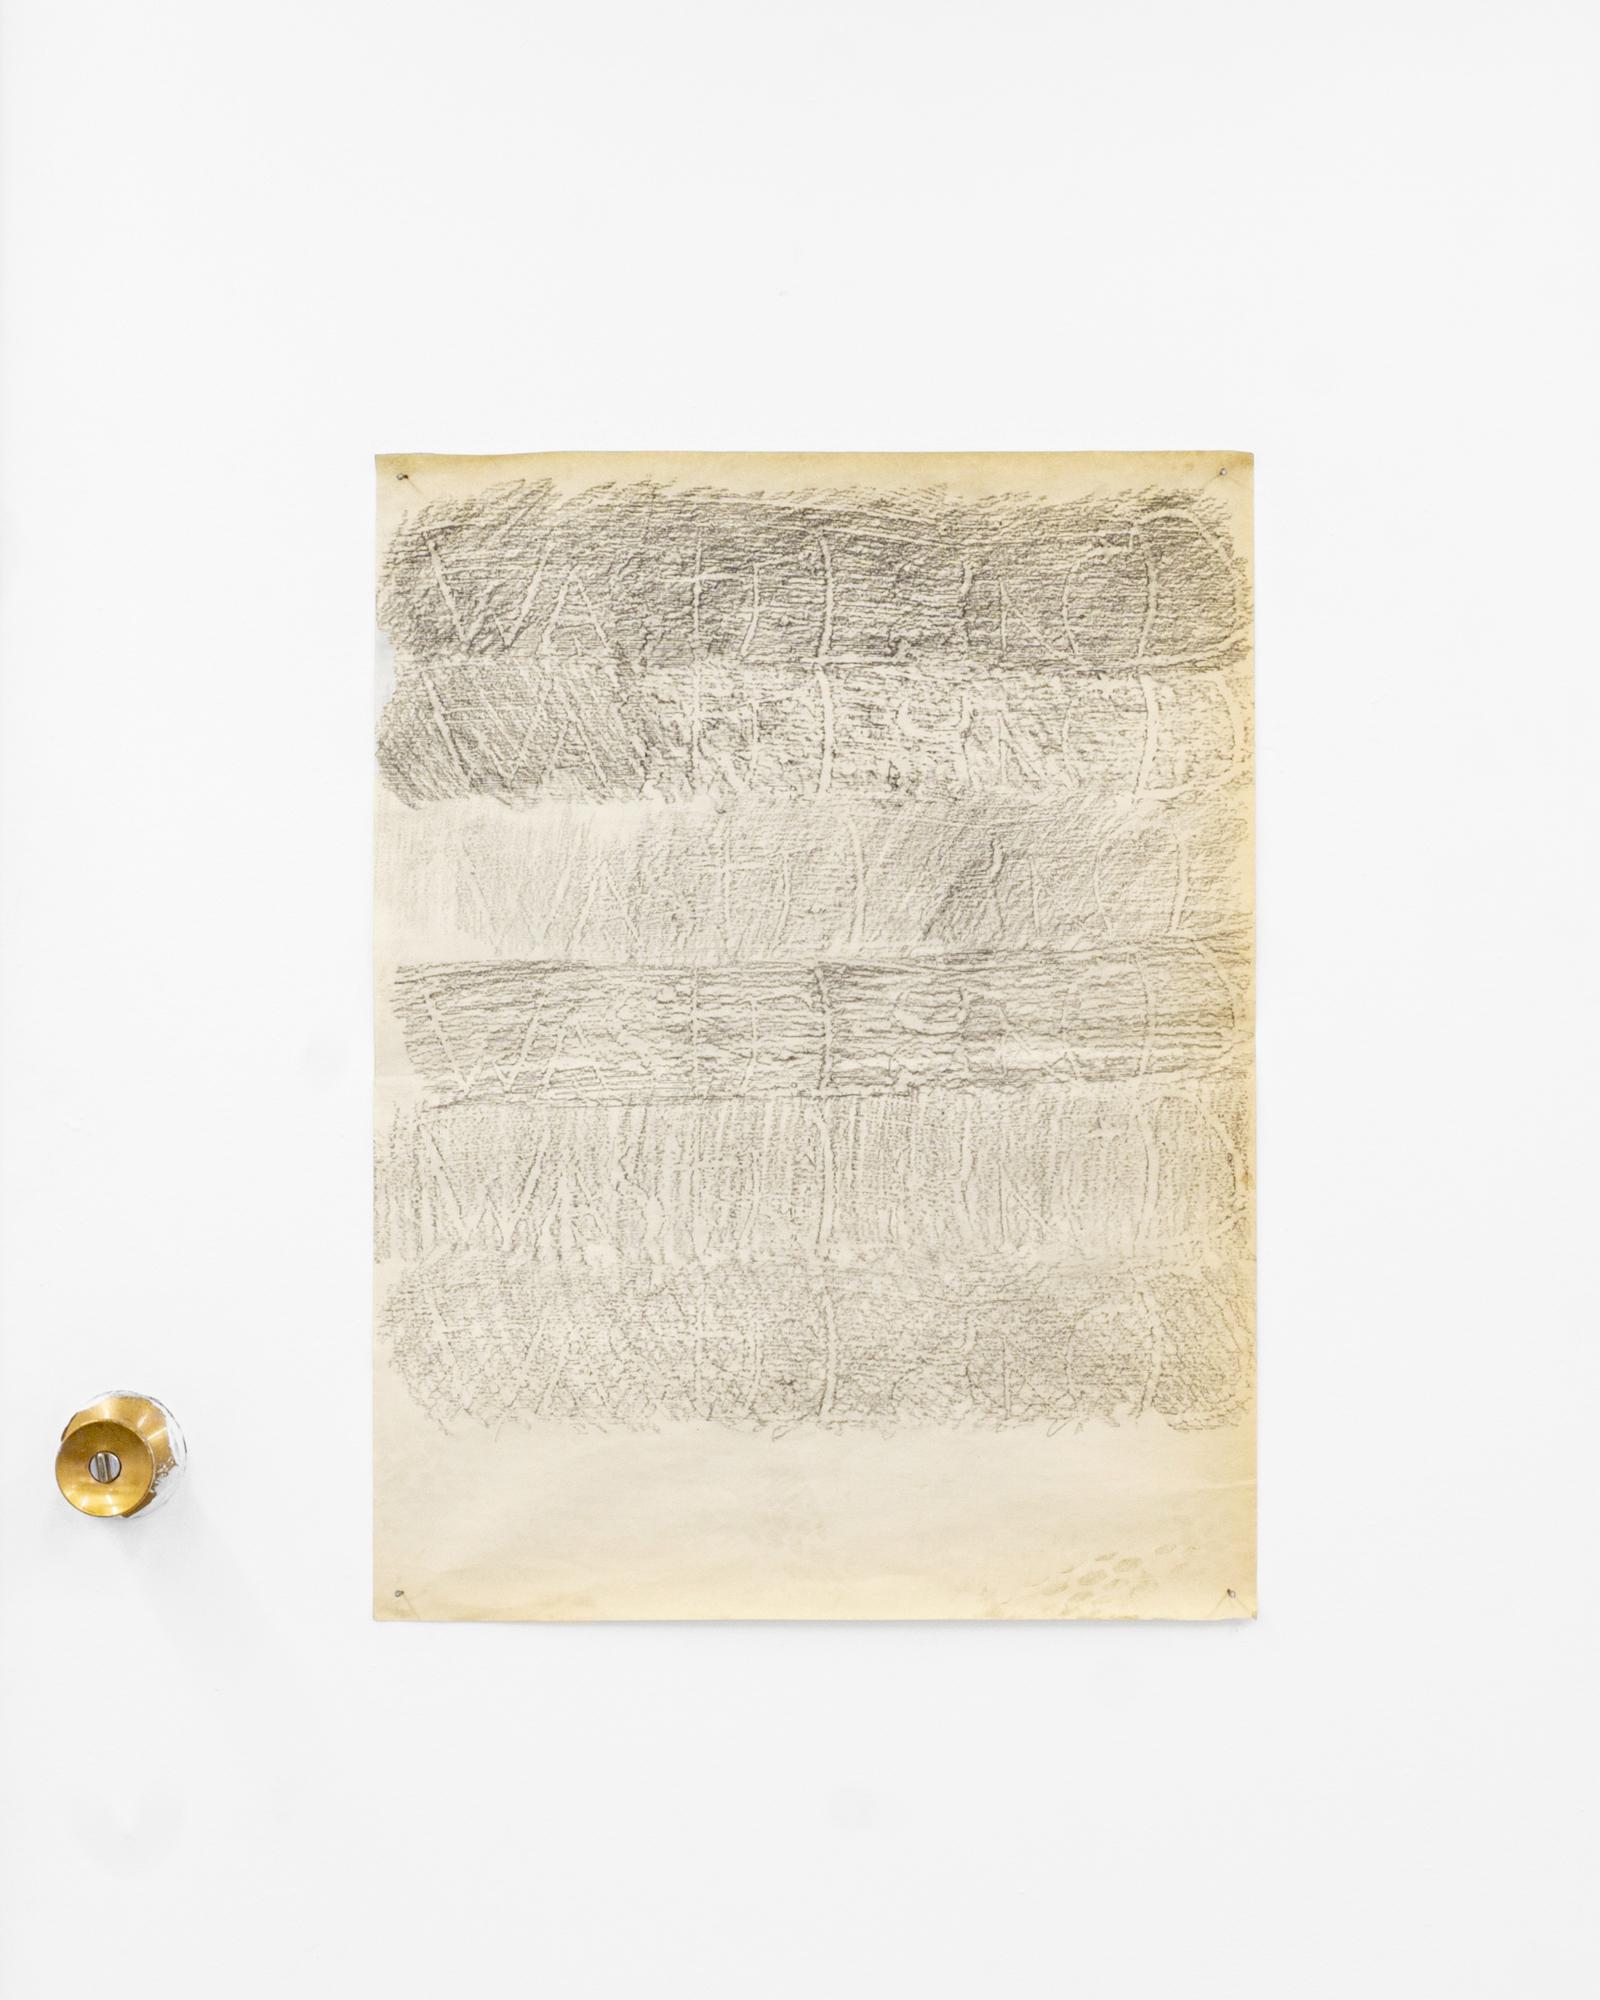 """Garrett Lockhart, """"WASTELAND,""""2019, Lumber crayon, found paper, salvaged nails, 24x18"""""""